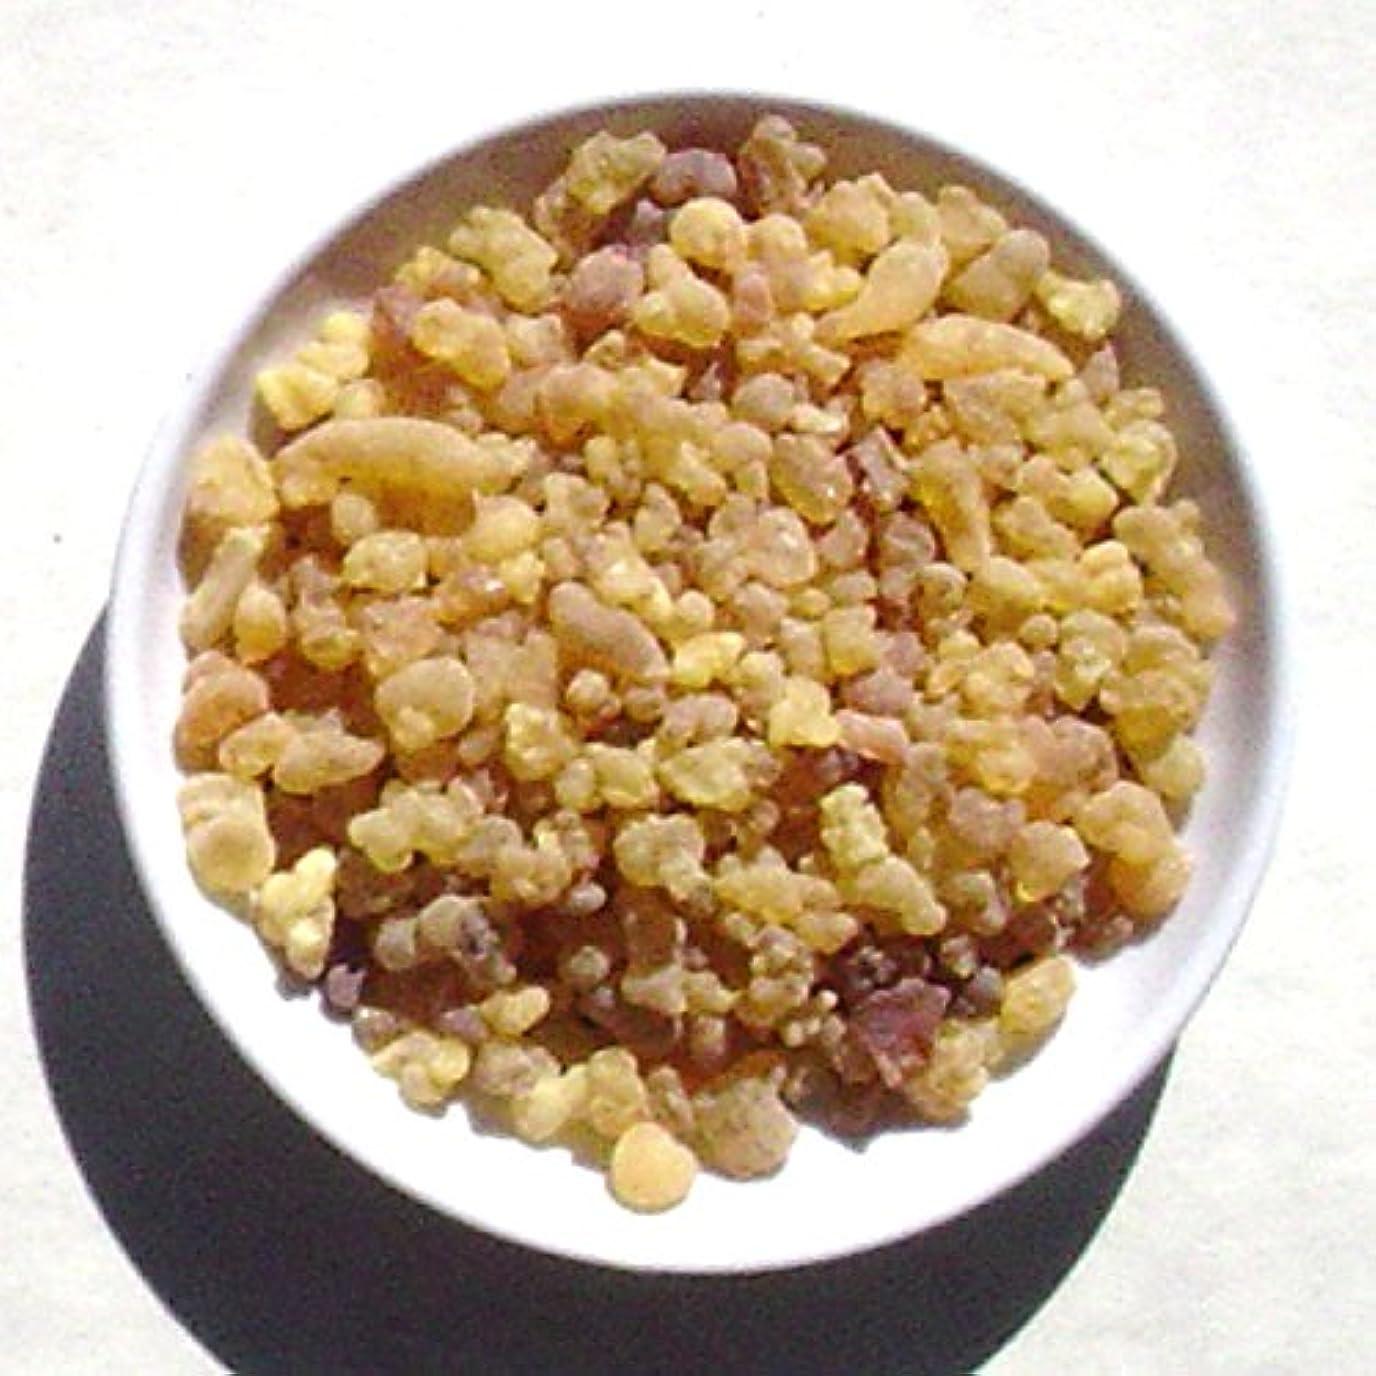 希少性ずっと遅いArabian Frankincense – 1ポンド – Traditional Incense (樹脂)バルク